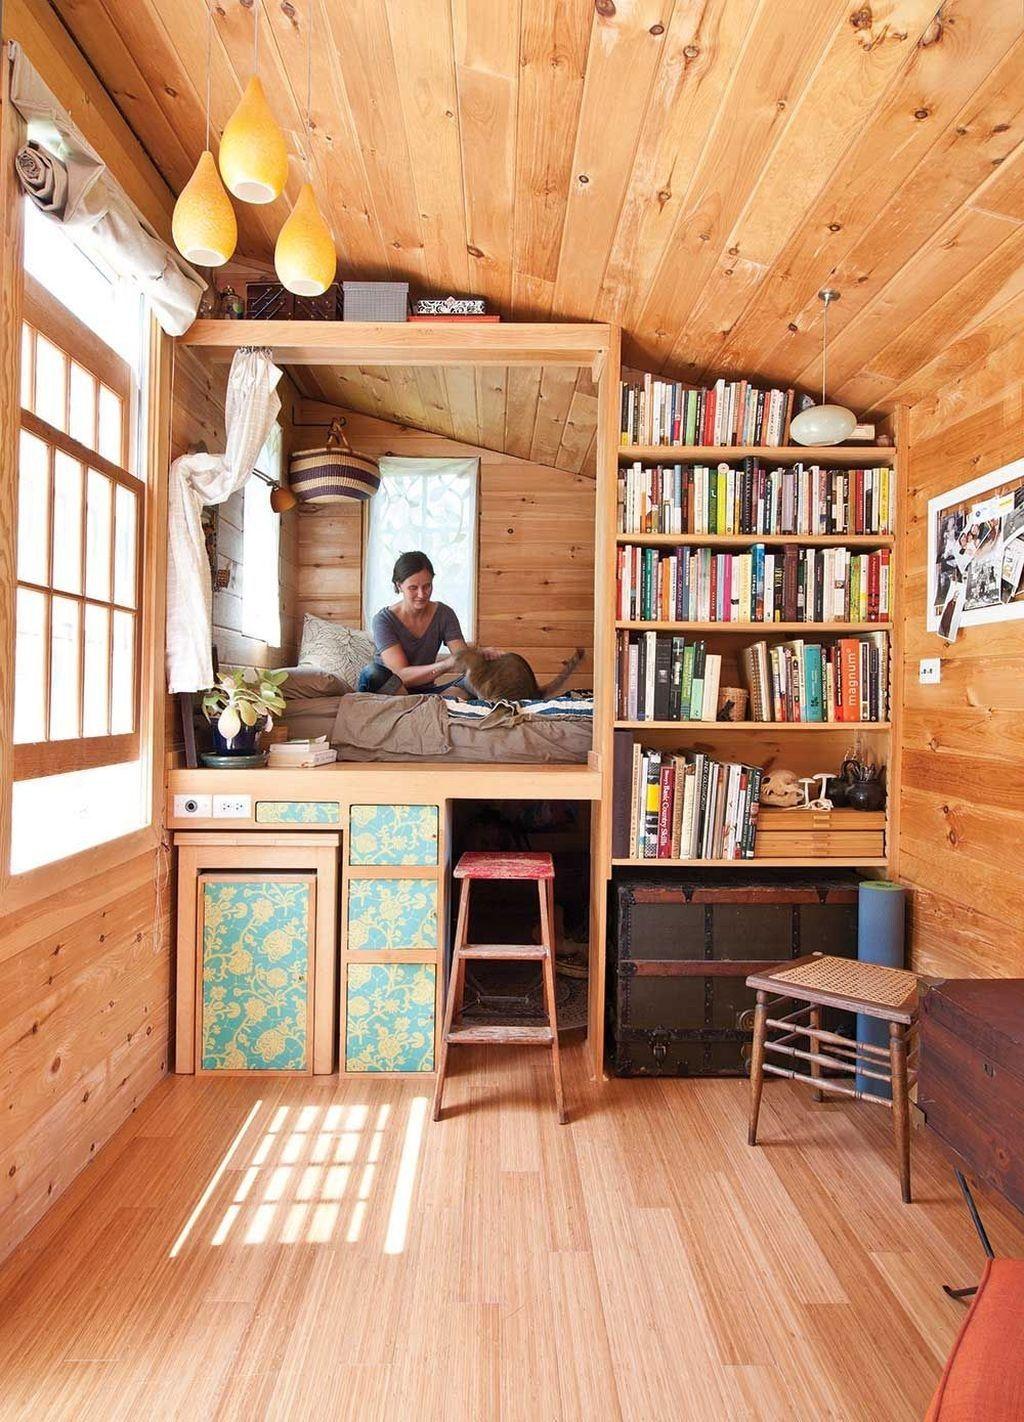 46+ Extraordinary Tiny House Interior Ideas